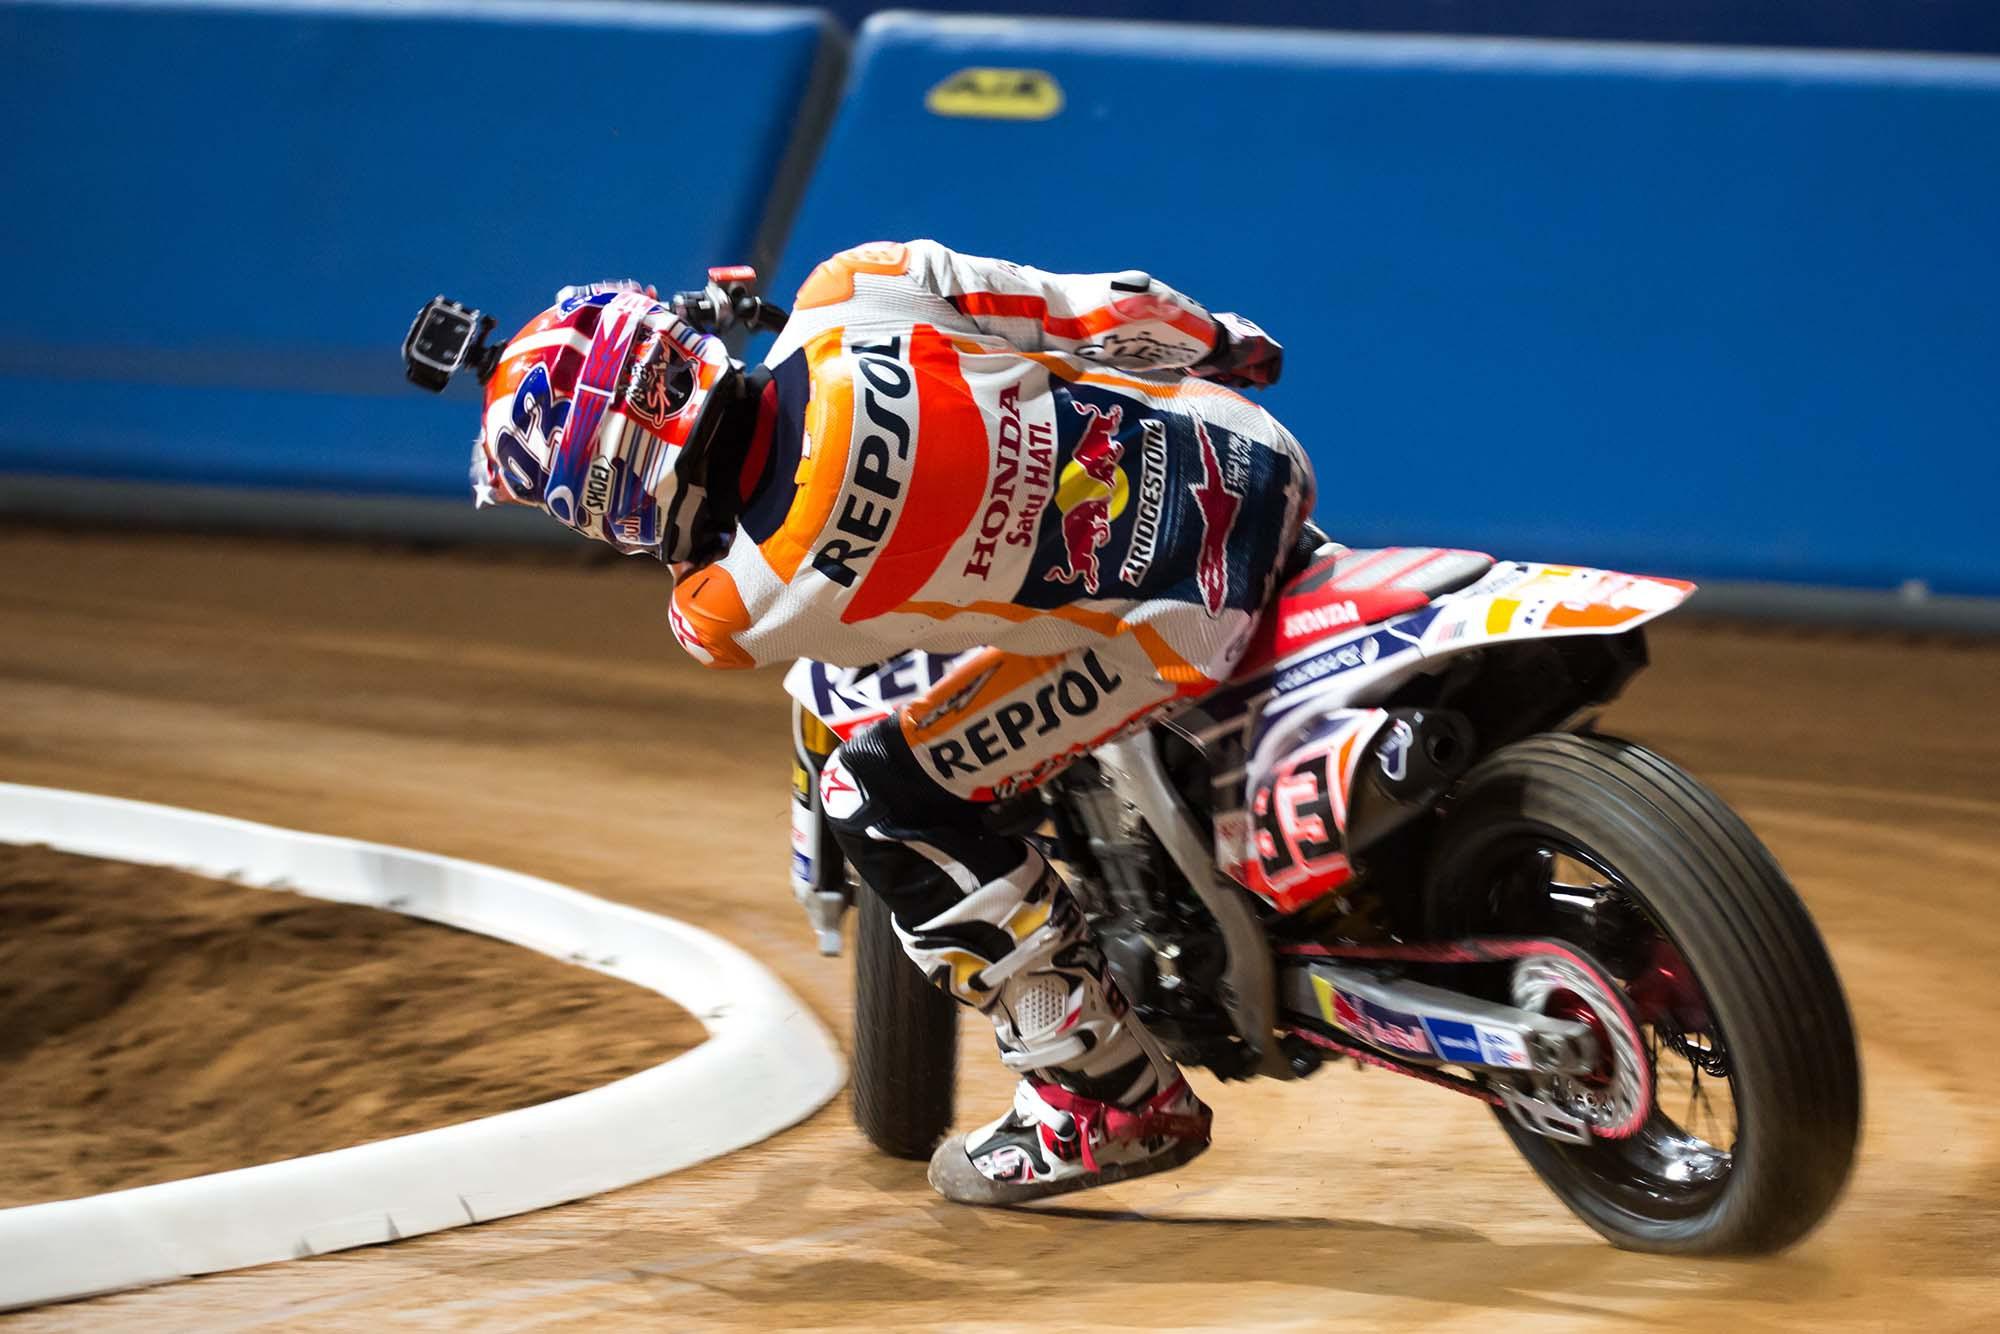 Superprestigio Dirt Track 2015 Superprestigio-2015-Barcelona-Steve-English-25